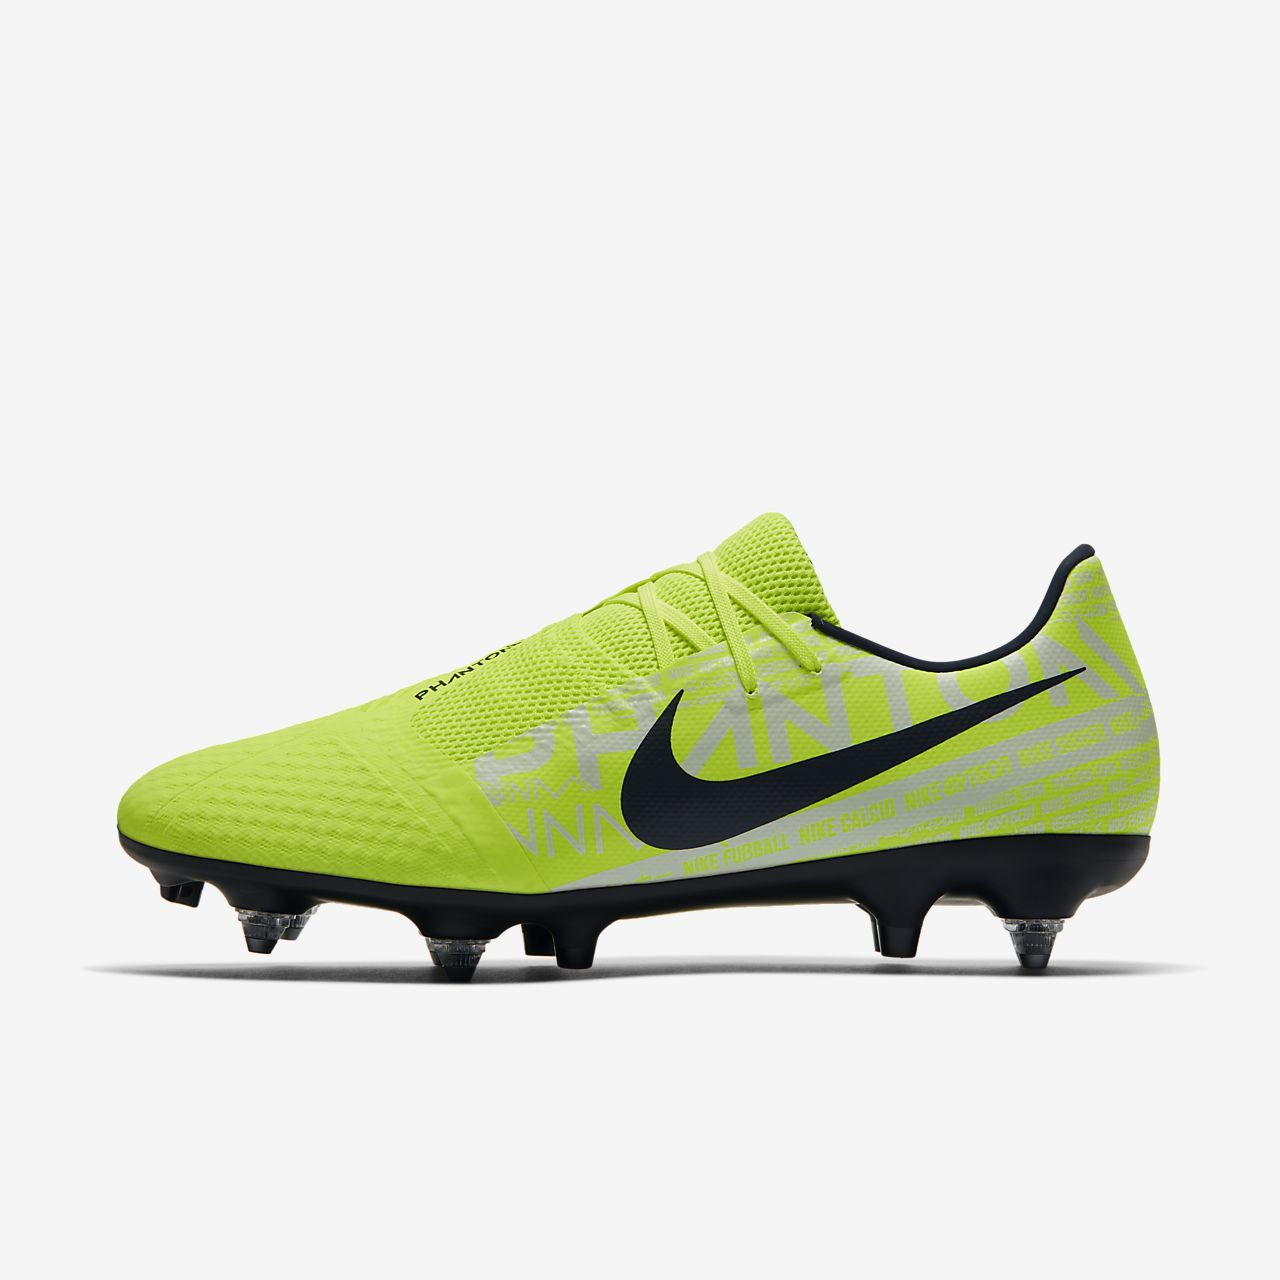 Nike PhantomVNM Academy SG-Pro Anti-Clog Traction Botas de fútbol para terreno blando